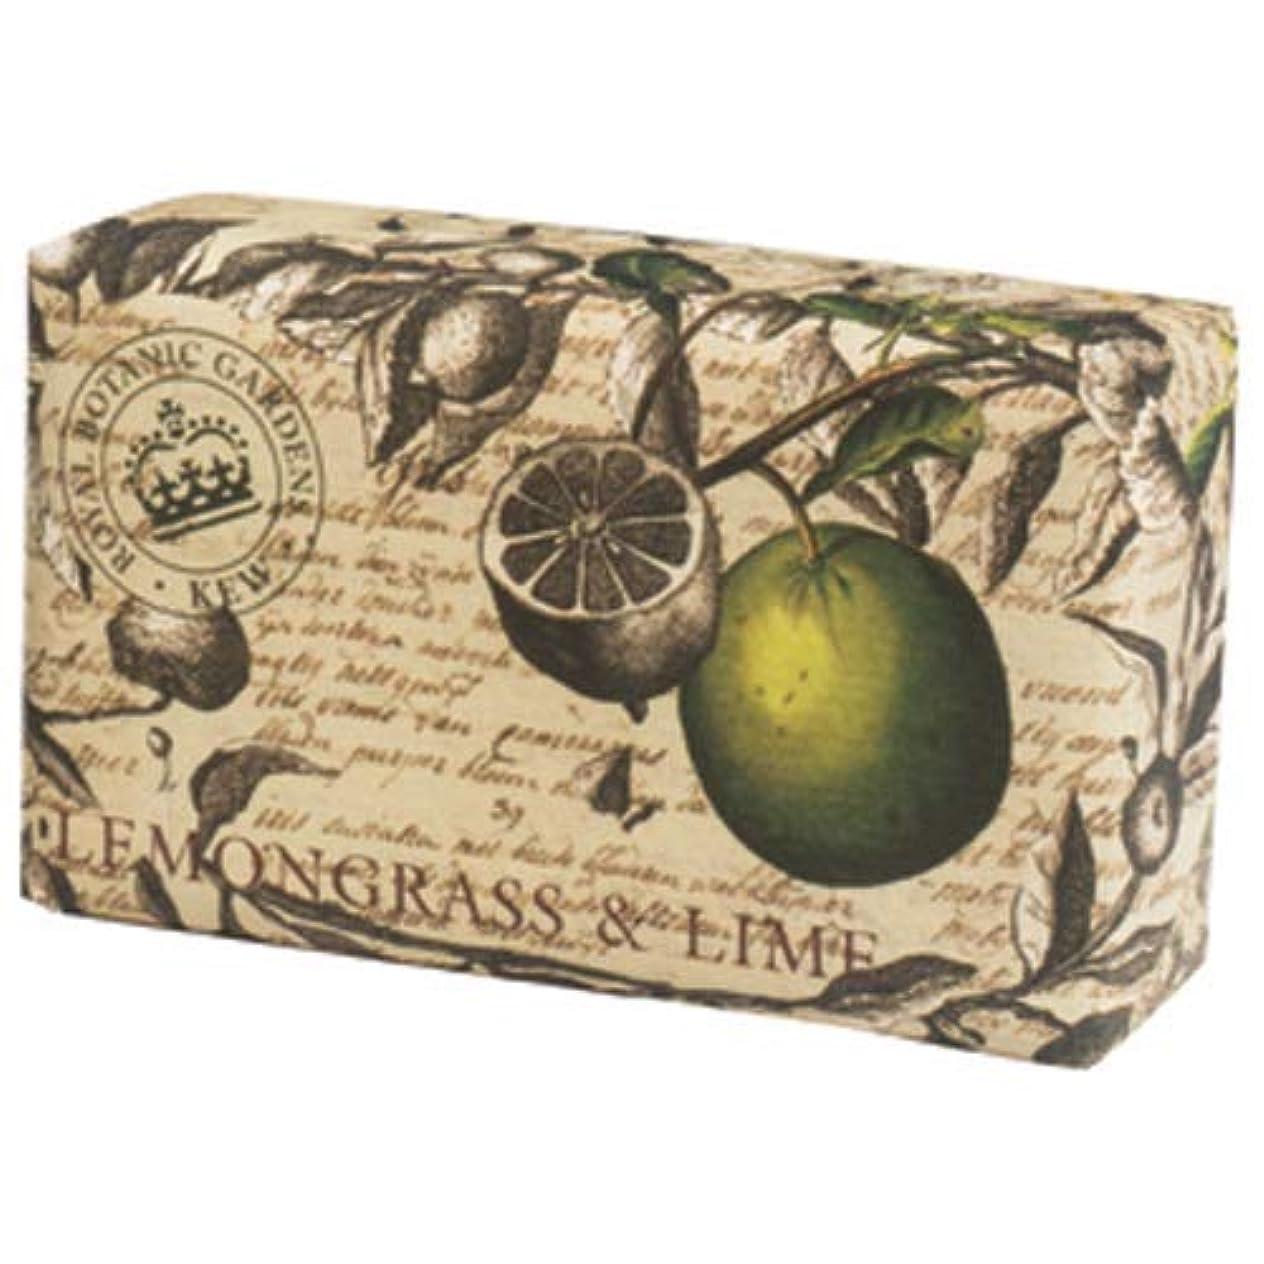 実際にパニック逃れるEnglish Soap Company イングリッシュソープカンパニー KEW GARDEN キュー?ガーデン Luxury Scrub Soaps スクラブソープ Lemongrass & Lime レモングラス&ライム